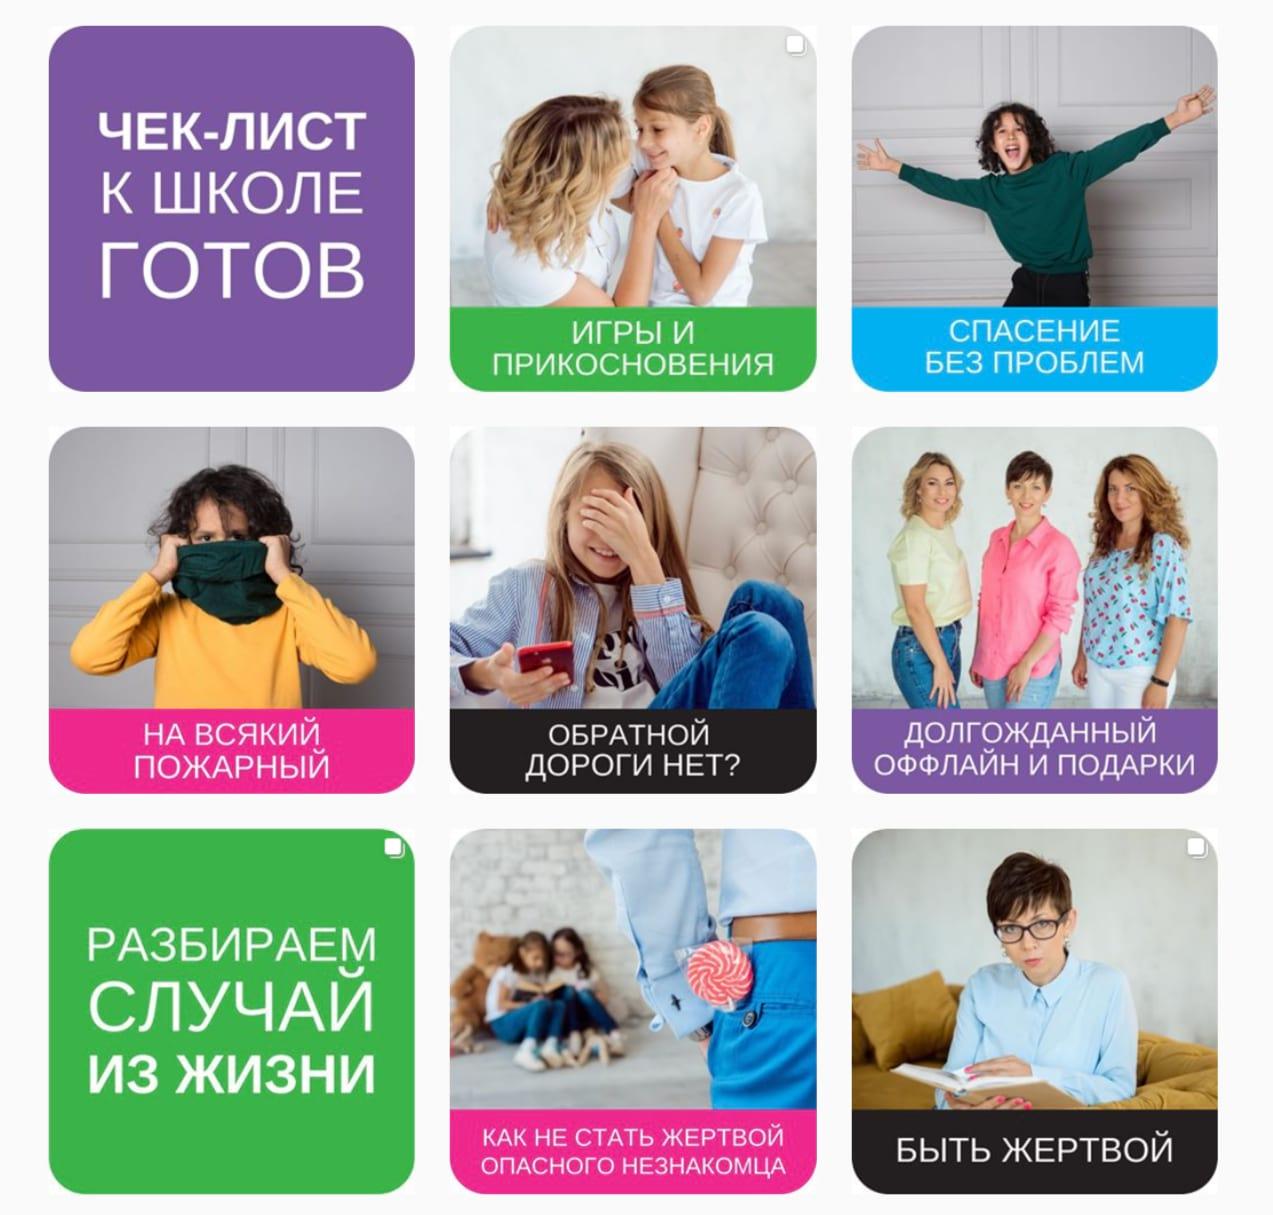 Лента аккаунта «Академия безопасности Ольги Бочковой»